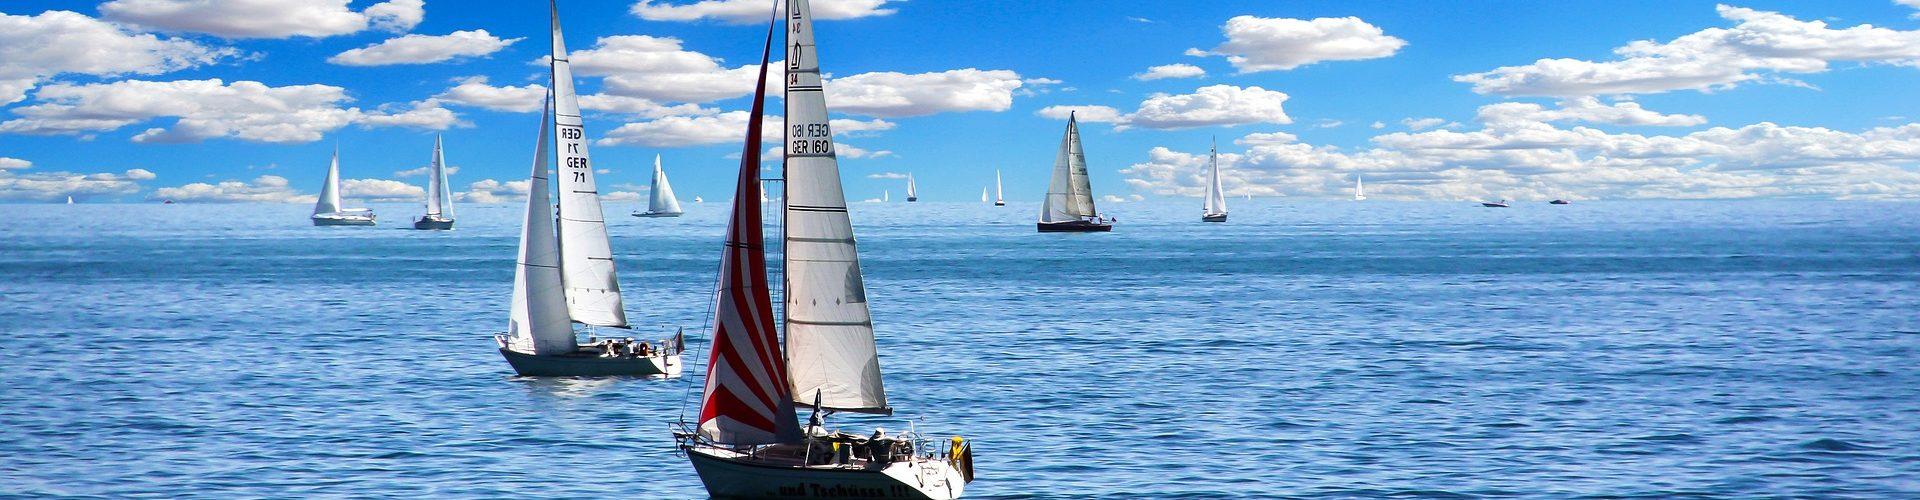 segeln lernen in Wörth am Rhein segelschein machen in Wörth am Rhein 1920x500 - Segeln lernen in Wörth am Rhein